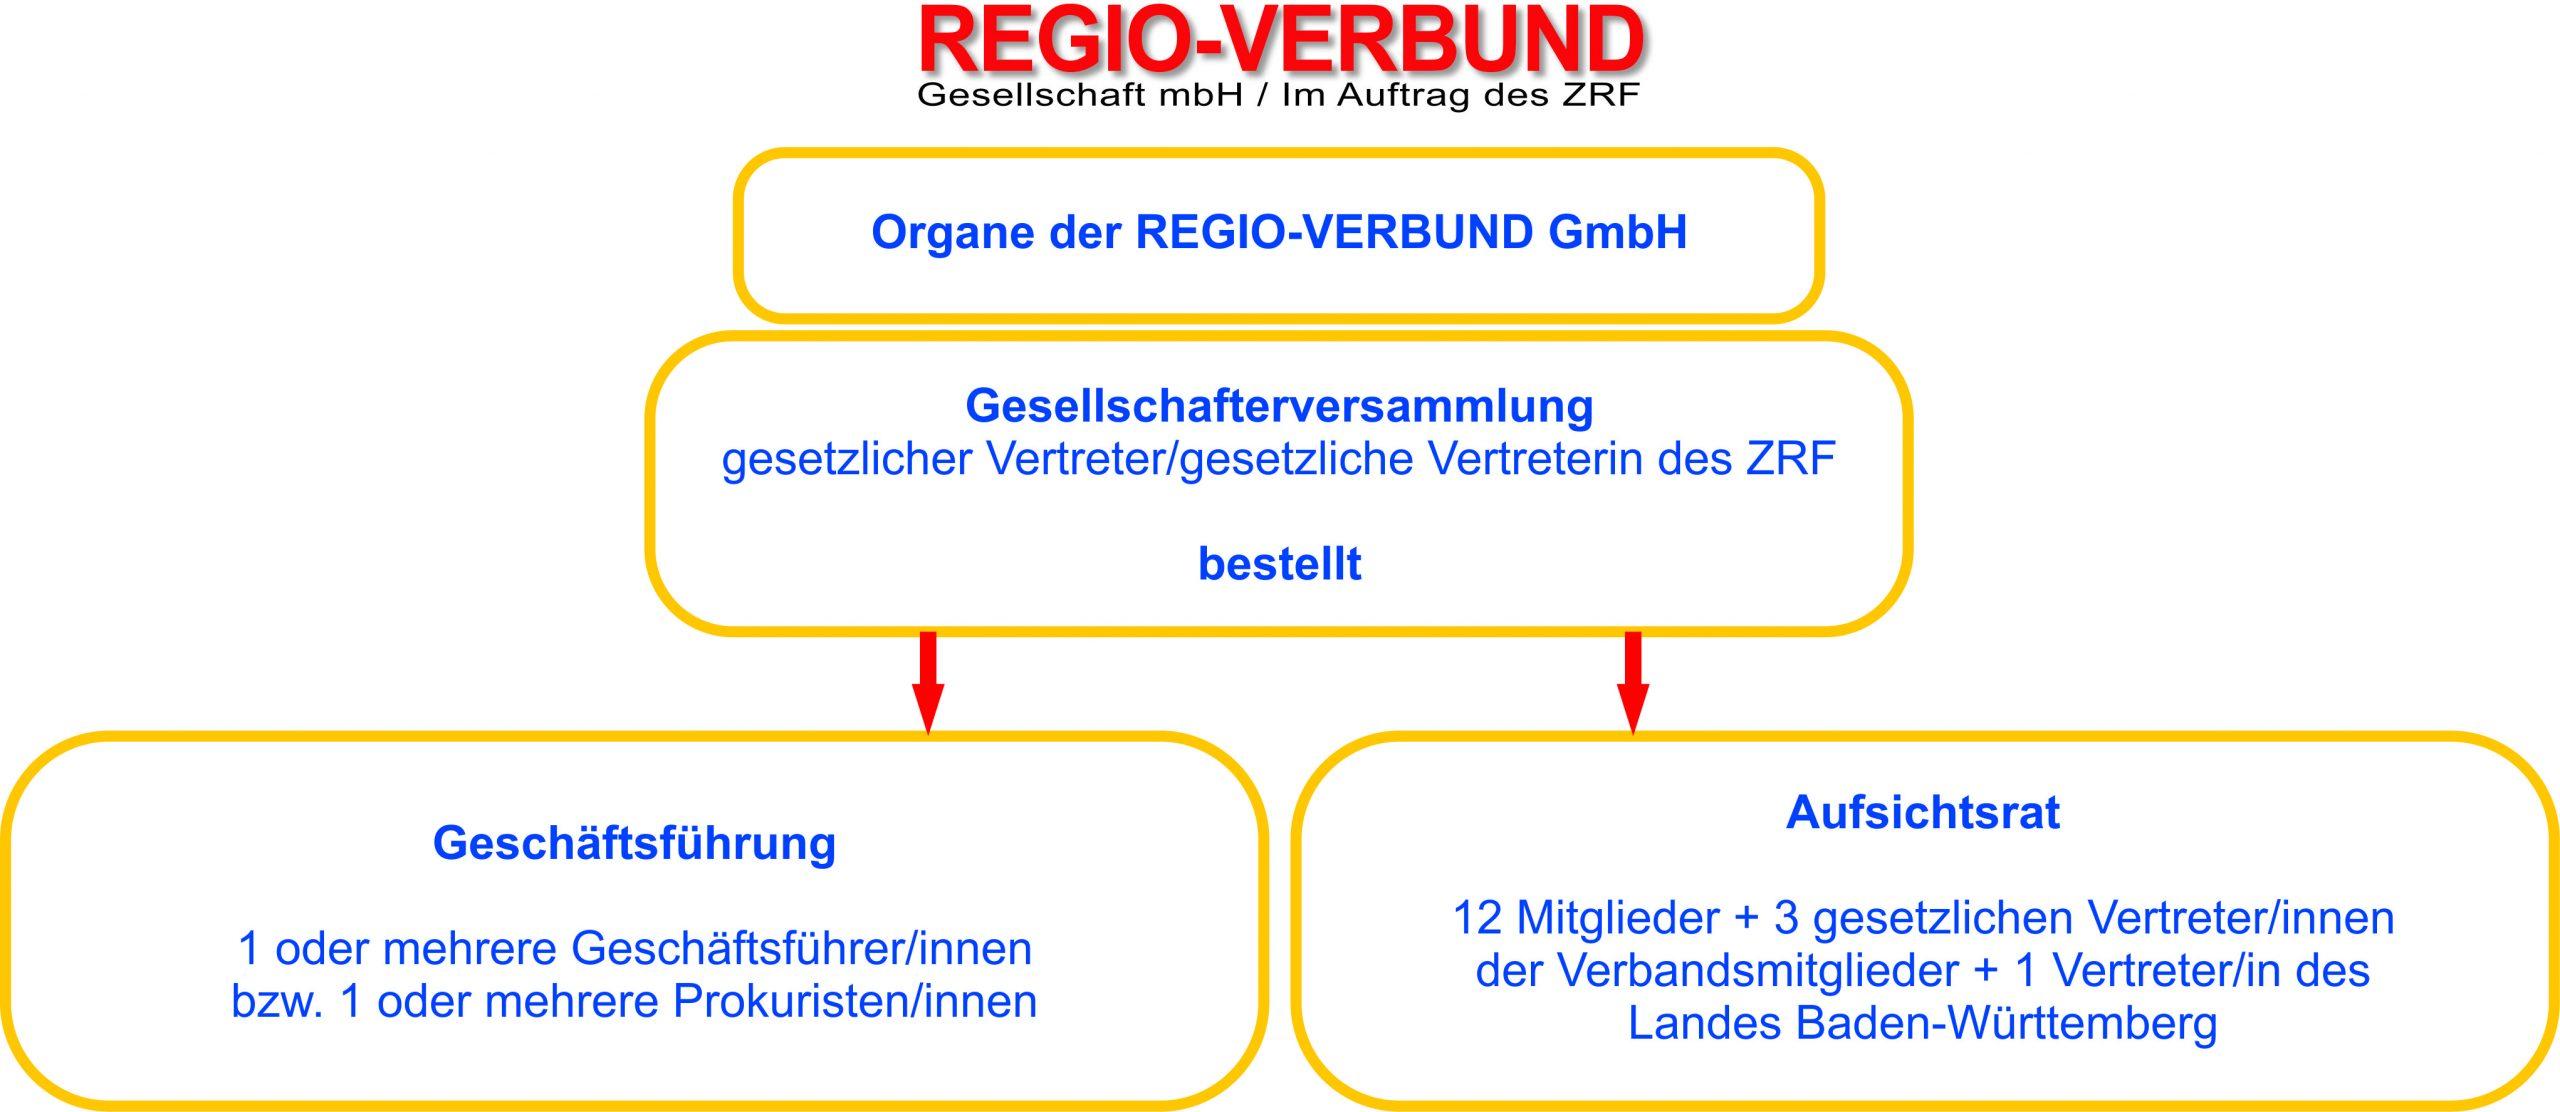 Gesellschaftsorgane der Regio-Verbundgesellschaft: